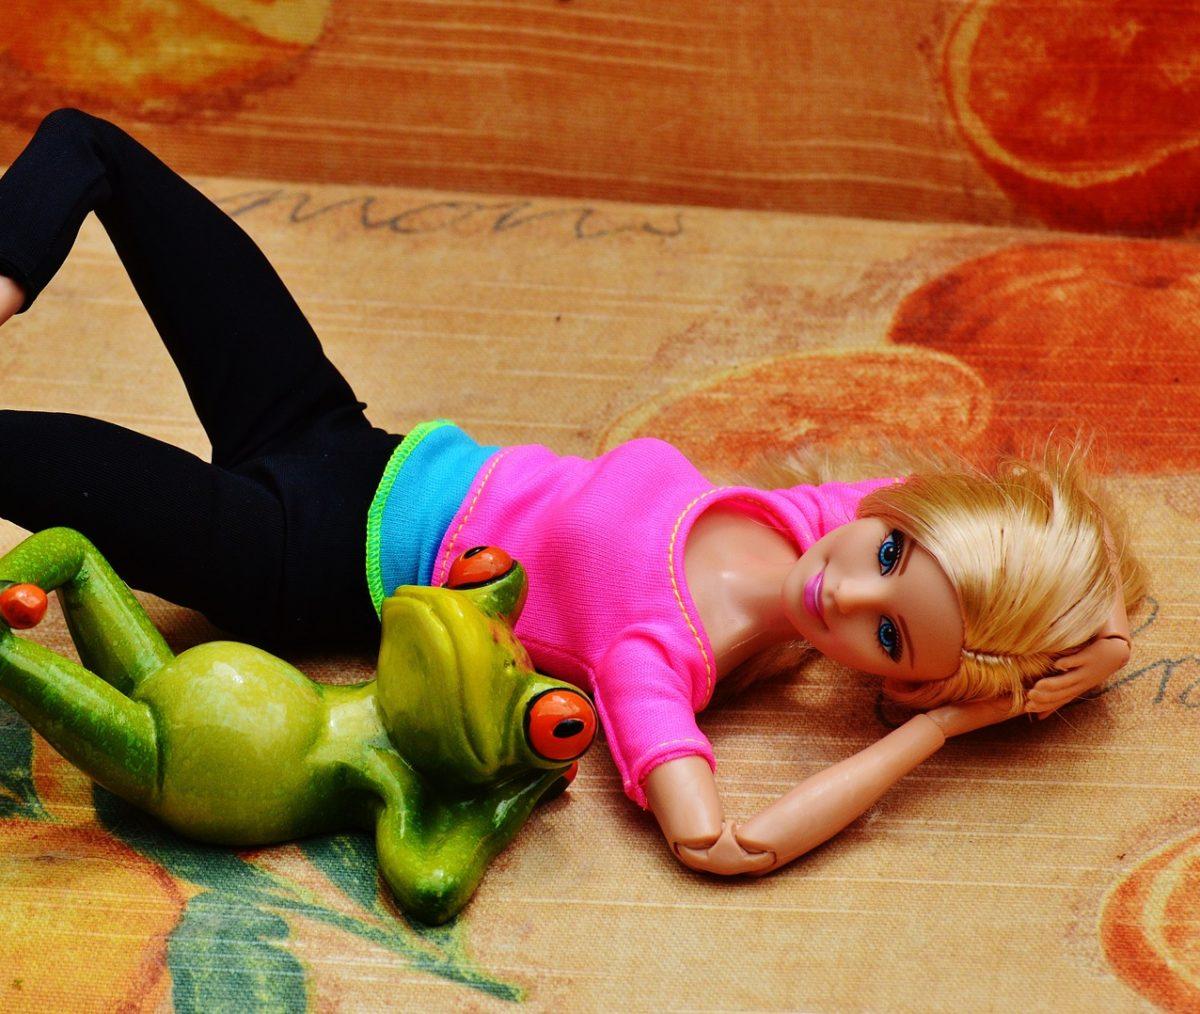 Πώς θα ήταν η Barbie σε καραντίνα: Η έμπνευση μίας γυναίκας που έγινε viral!